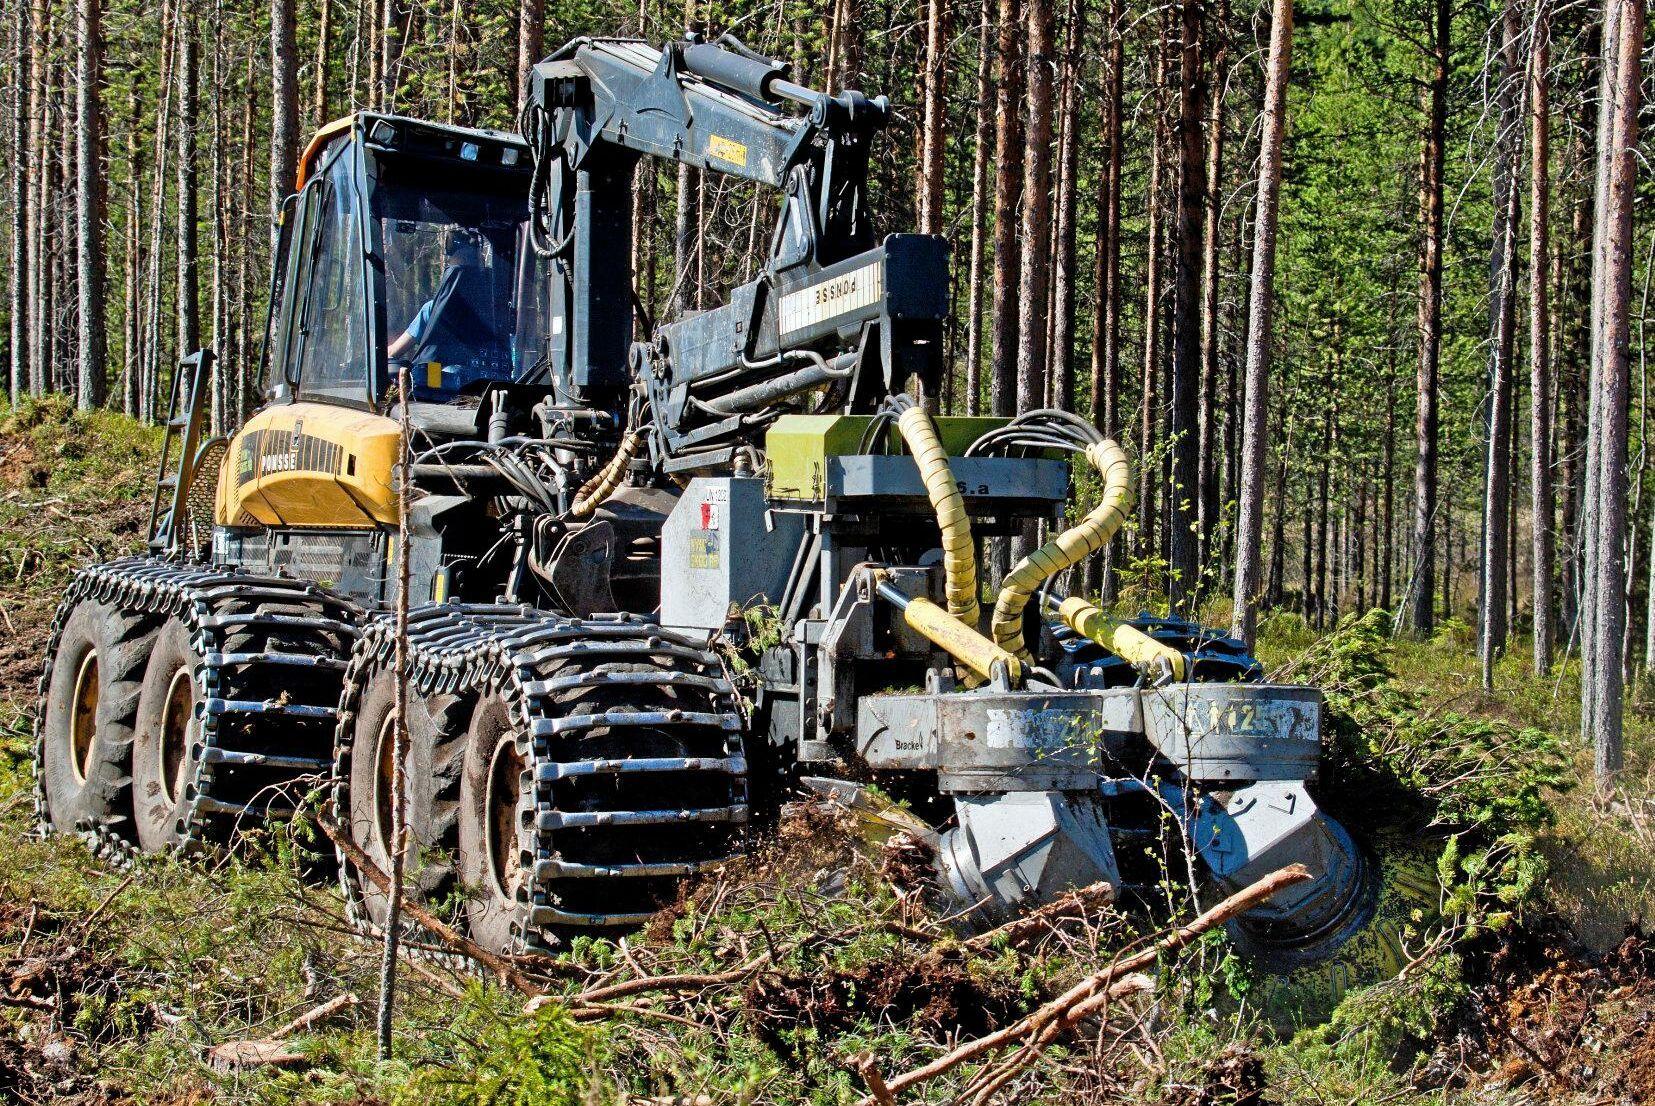 Markberedning är en flaskhals i skogen. Dålig lönsamhet är en av faktorerna som spelar in, menar Erik Viklund, skogsvårdschef på Mellanskog.